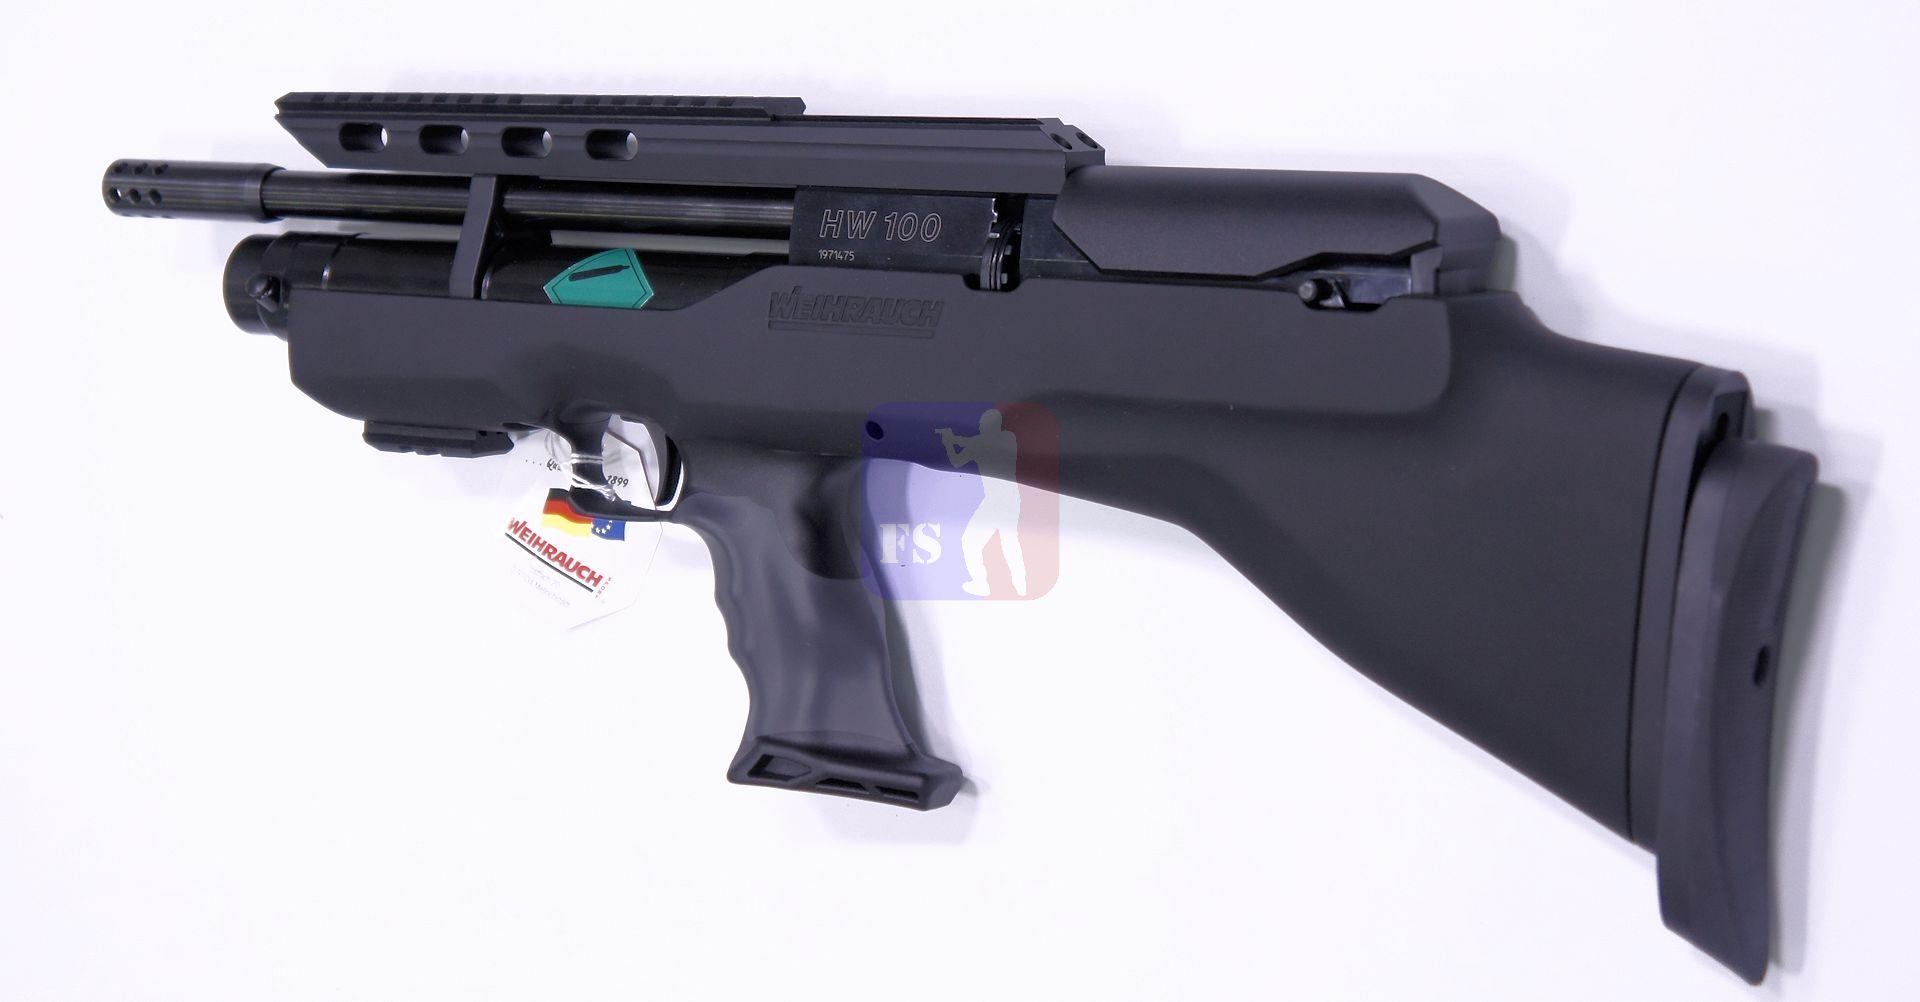 Das Luftgewqehr Weihrauch Modell HW 100 BP benötigt eine Optik. Das biete ich gerne was passendes an und würde komplett und eingeschossen liefern.